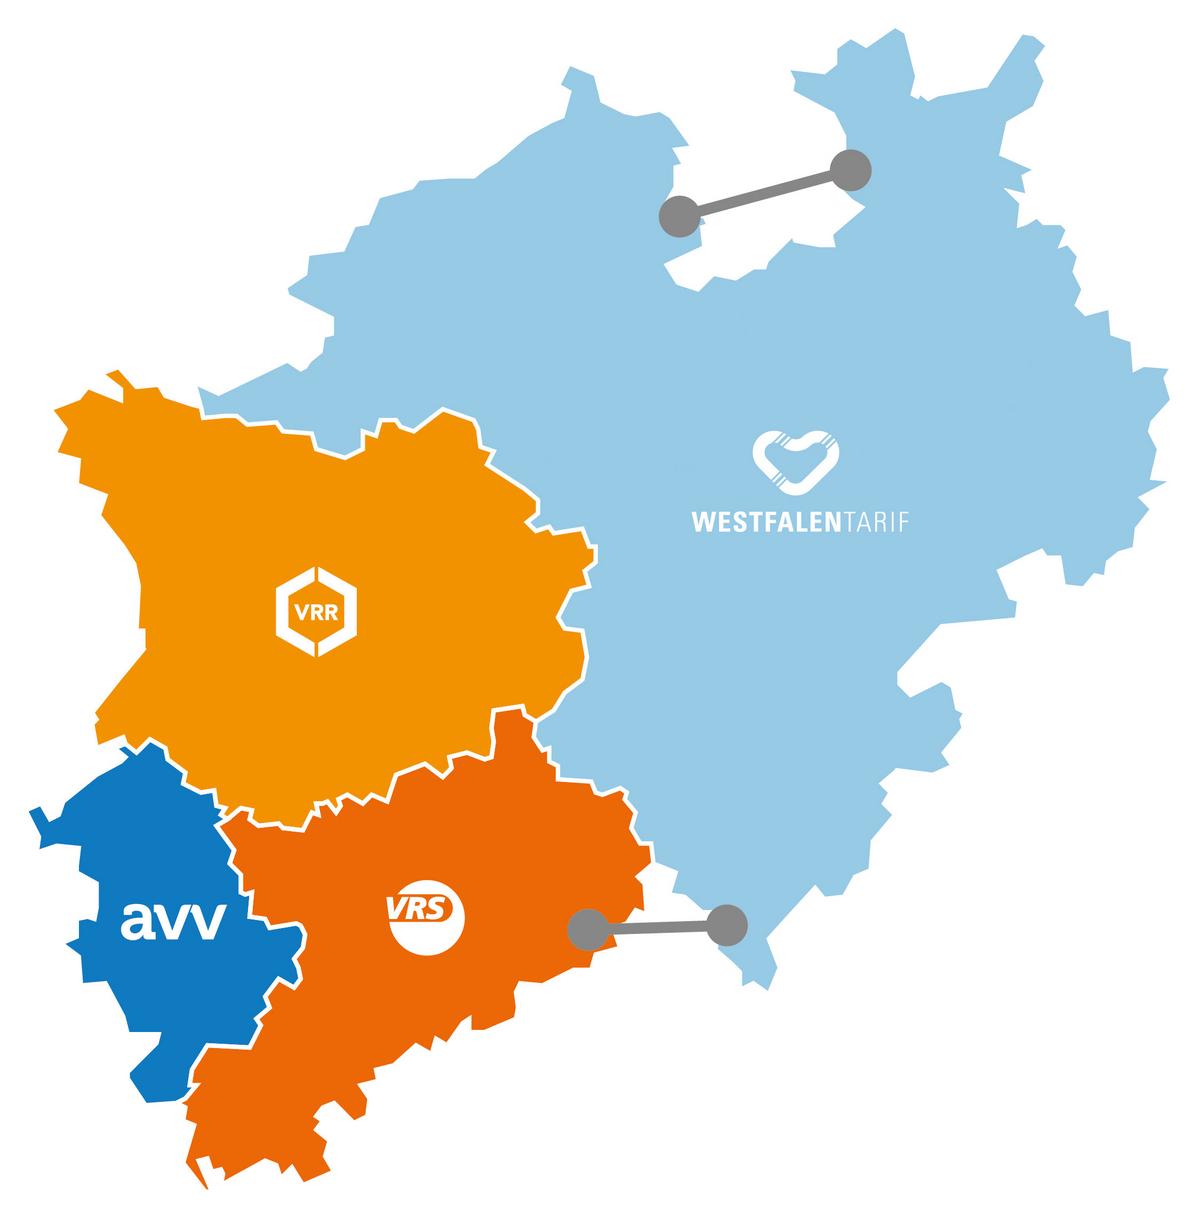 Karte von NRW, auf der in unterschiedlichen Farben die vier Verkehrsverbünde abgebildet sind.